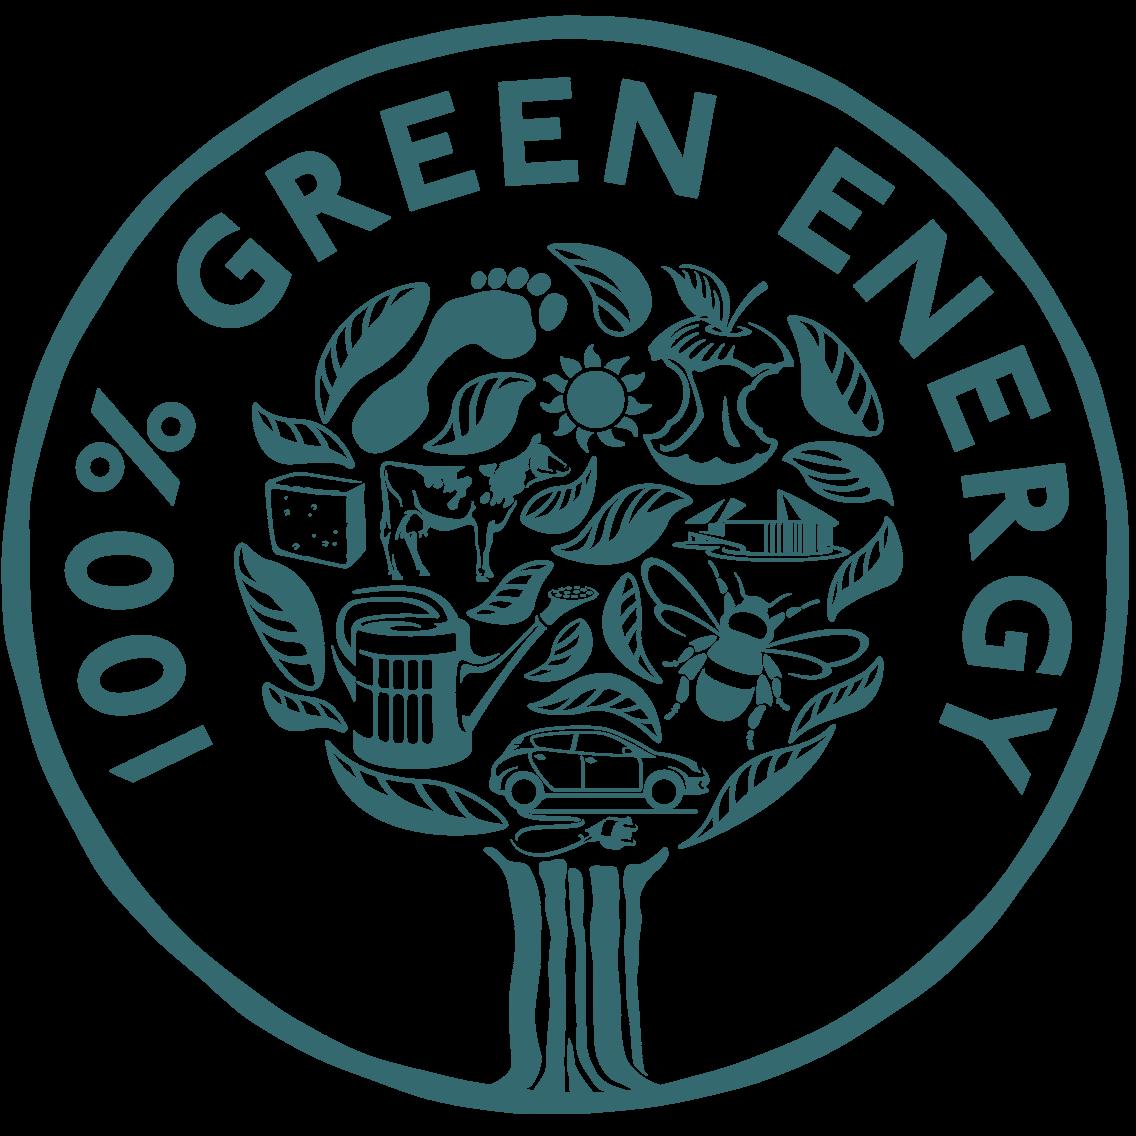 100% förnybar energi